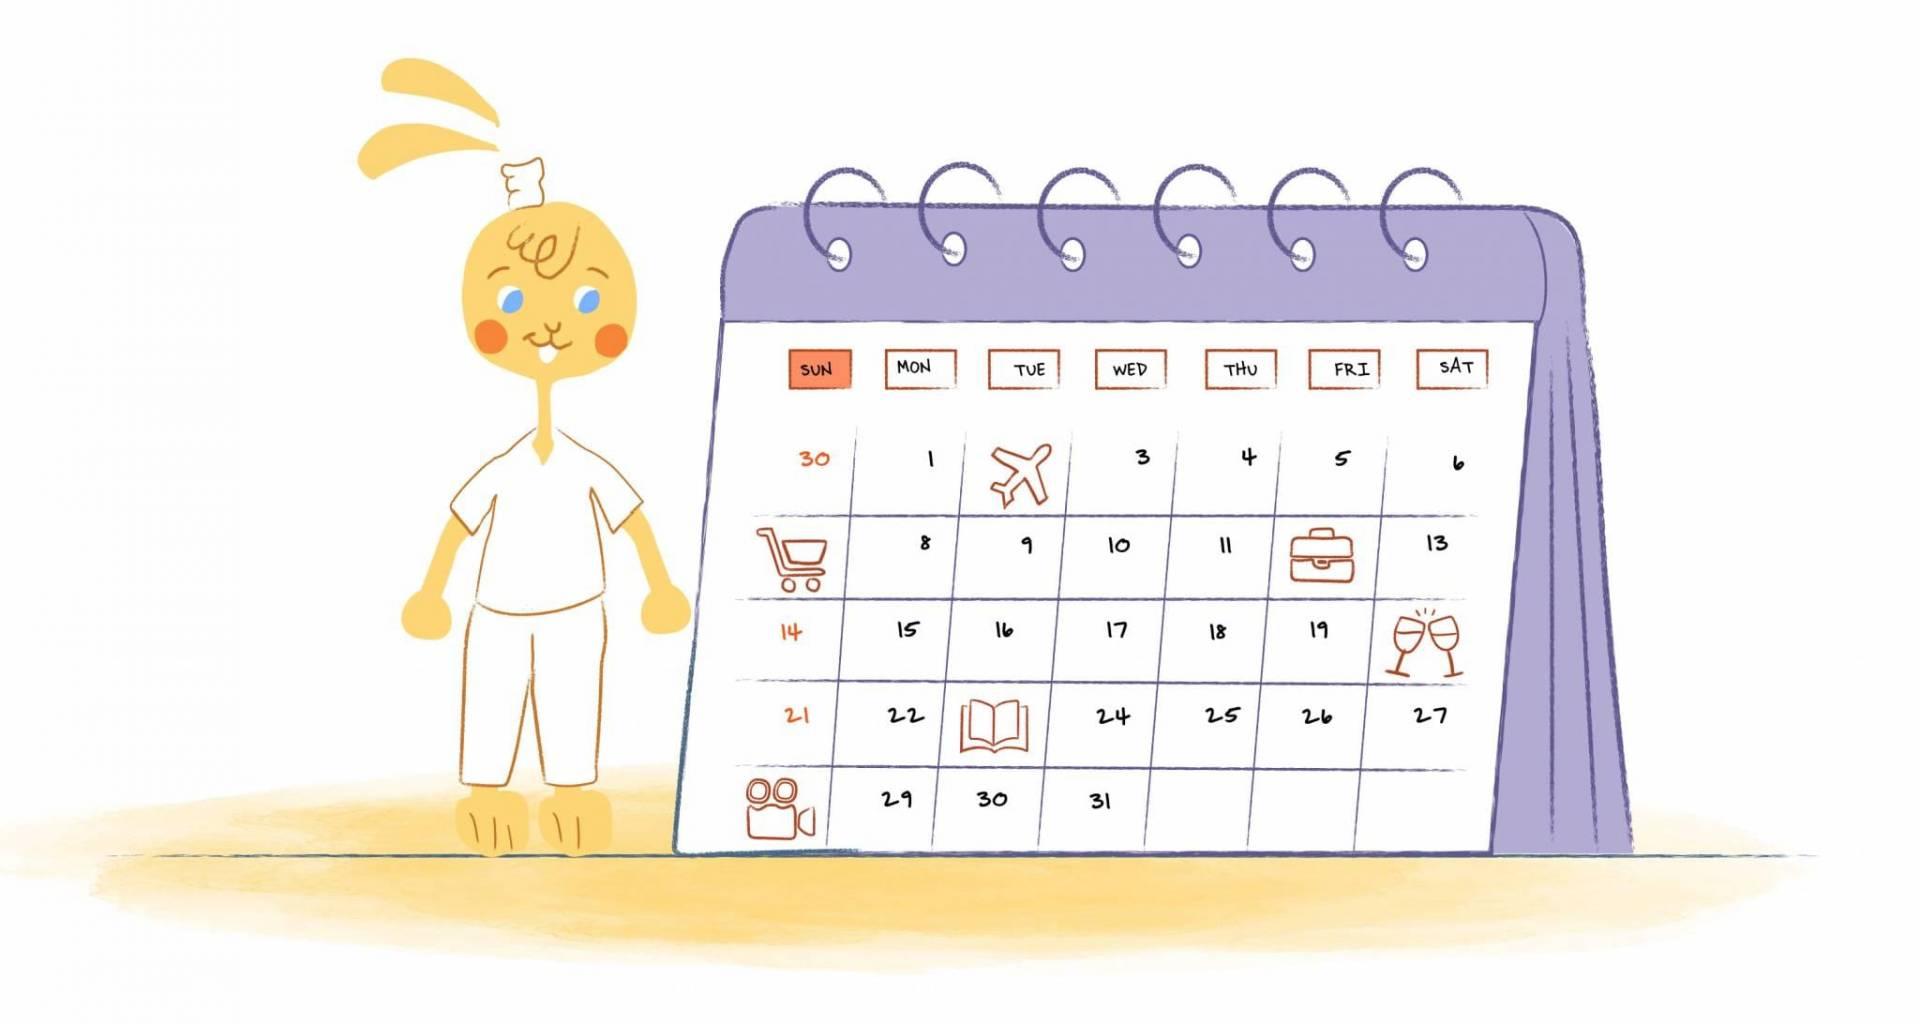 julian calendar how to read